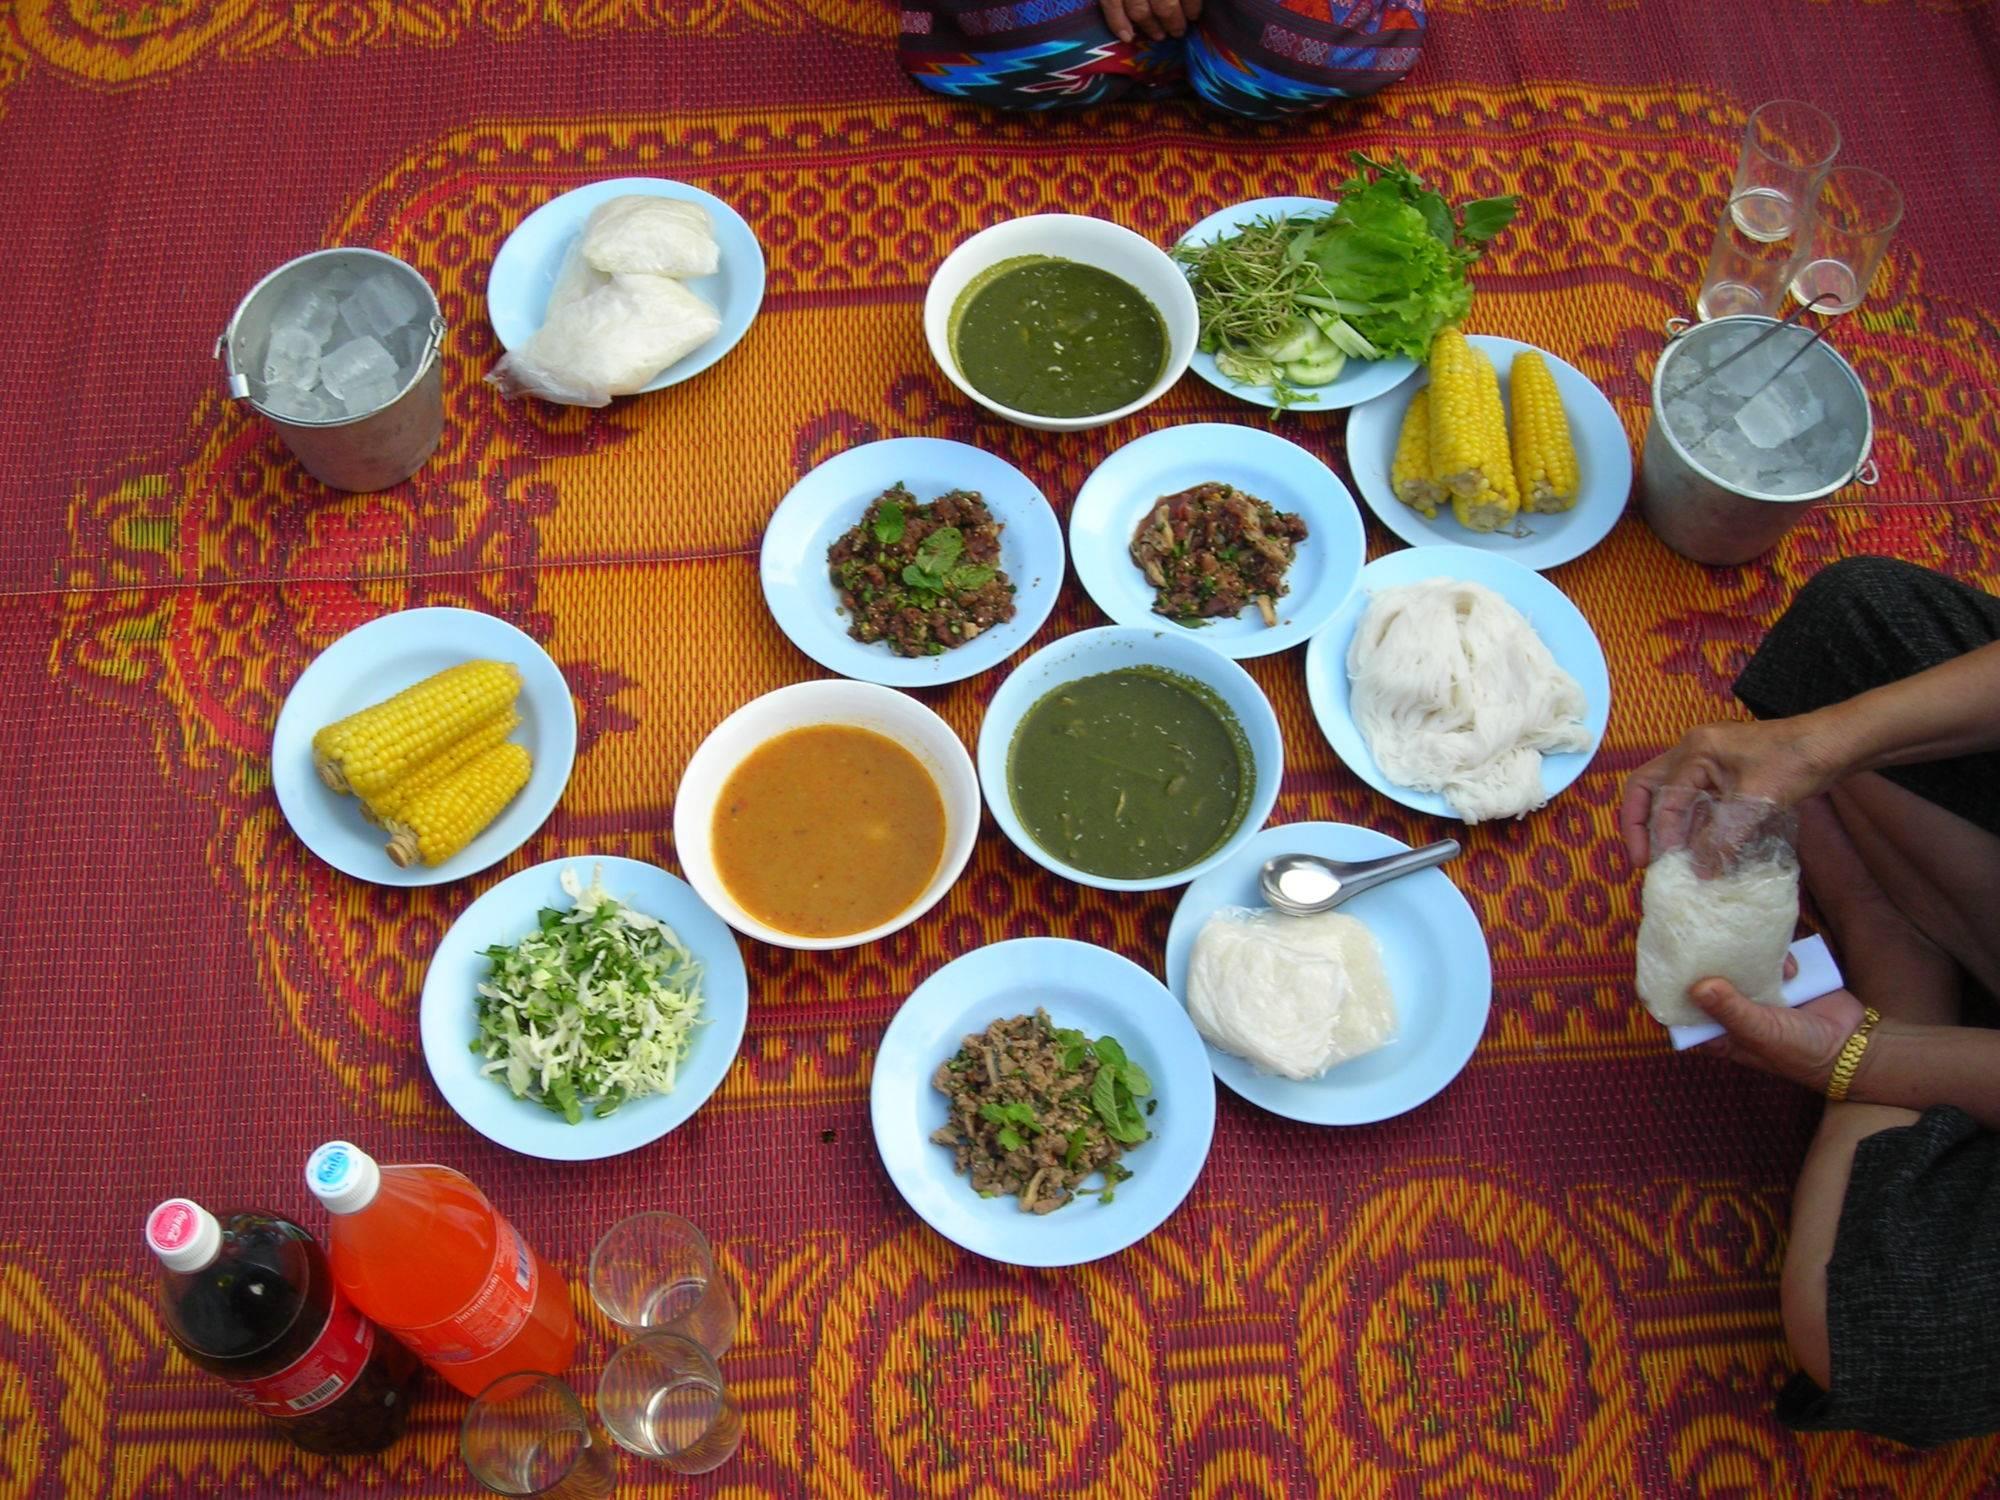 dubai générosité ramadan